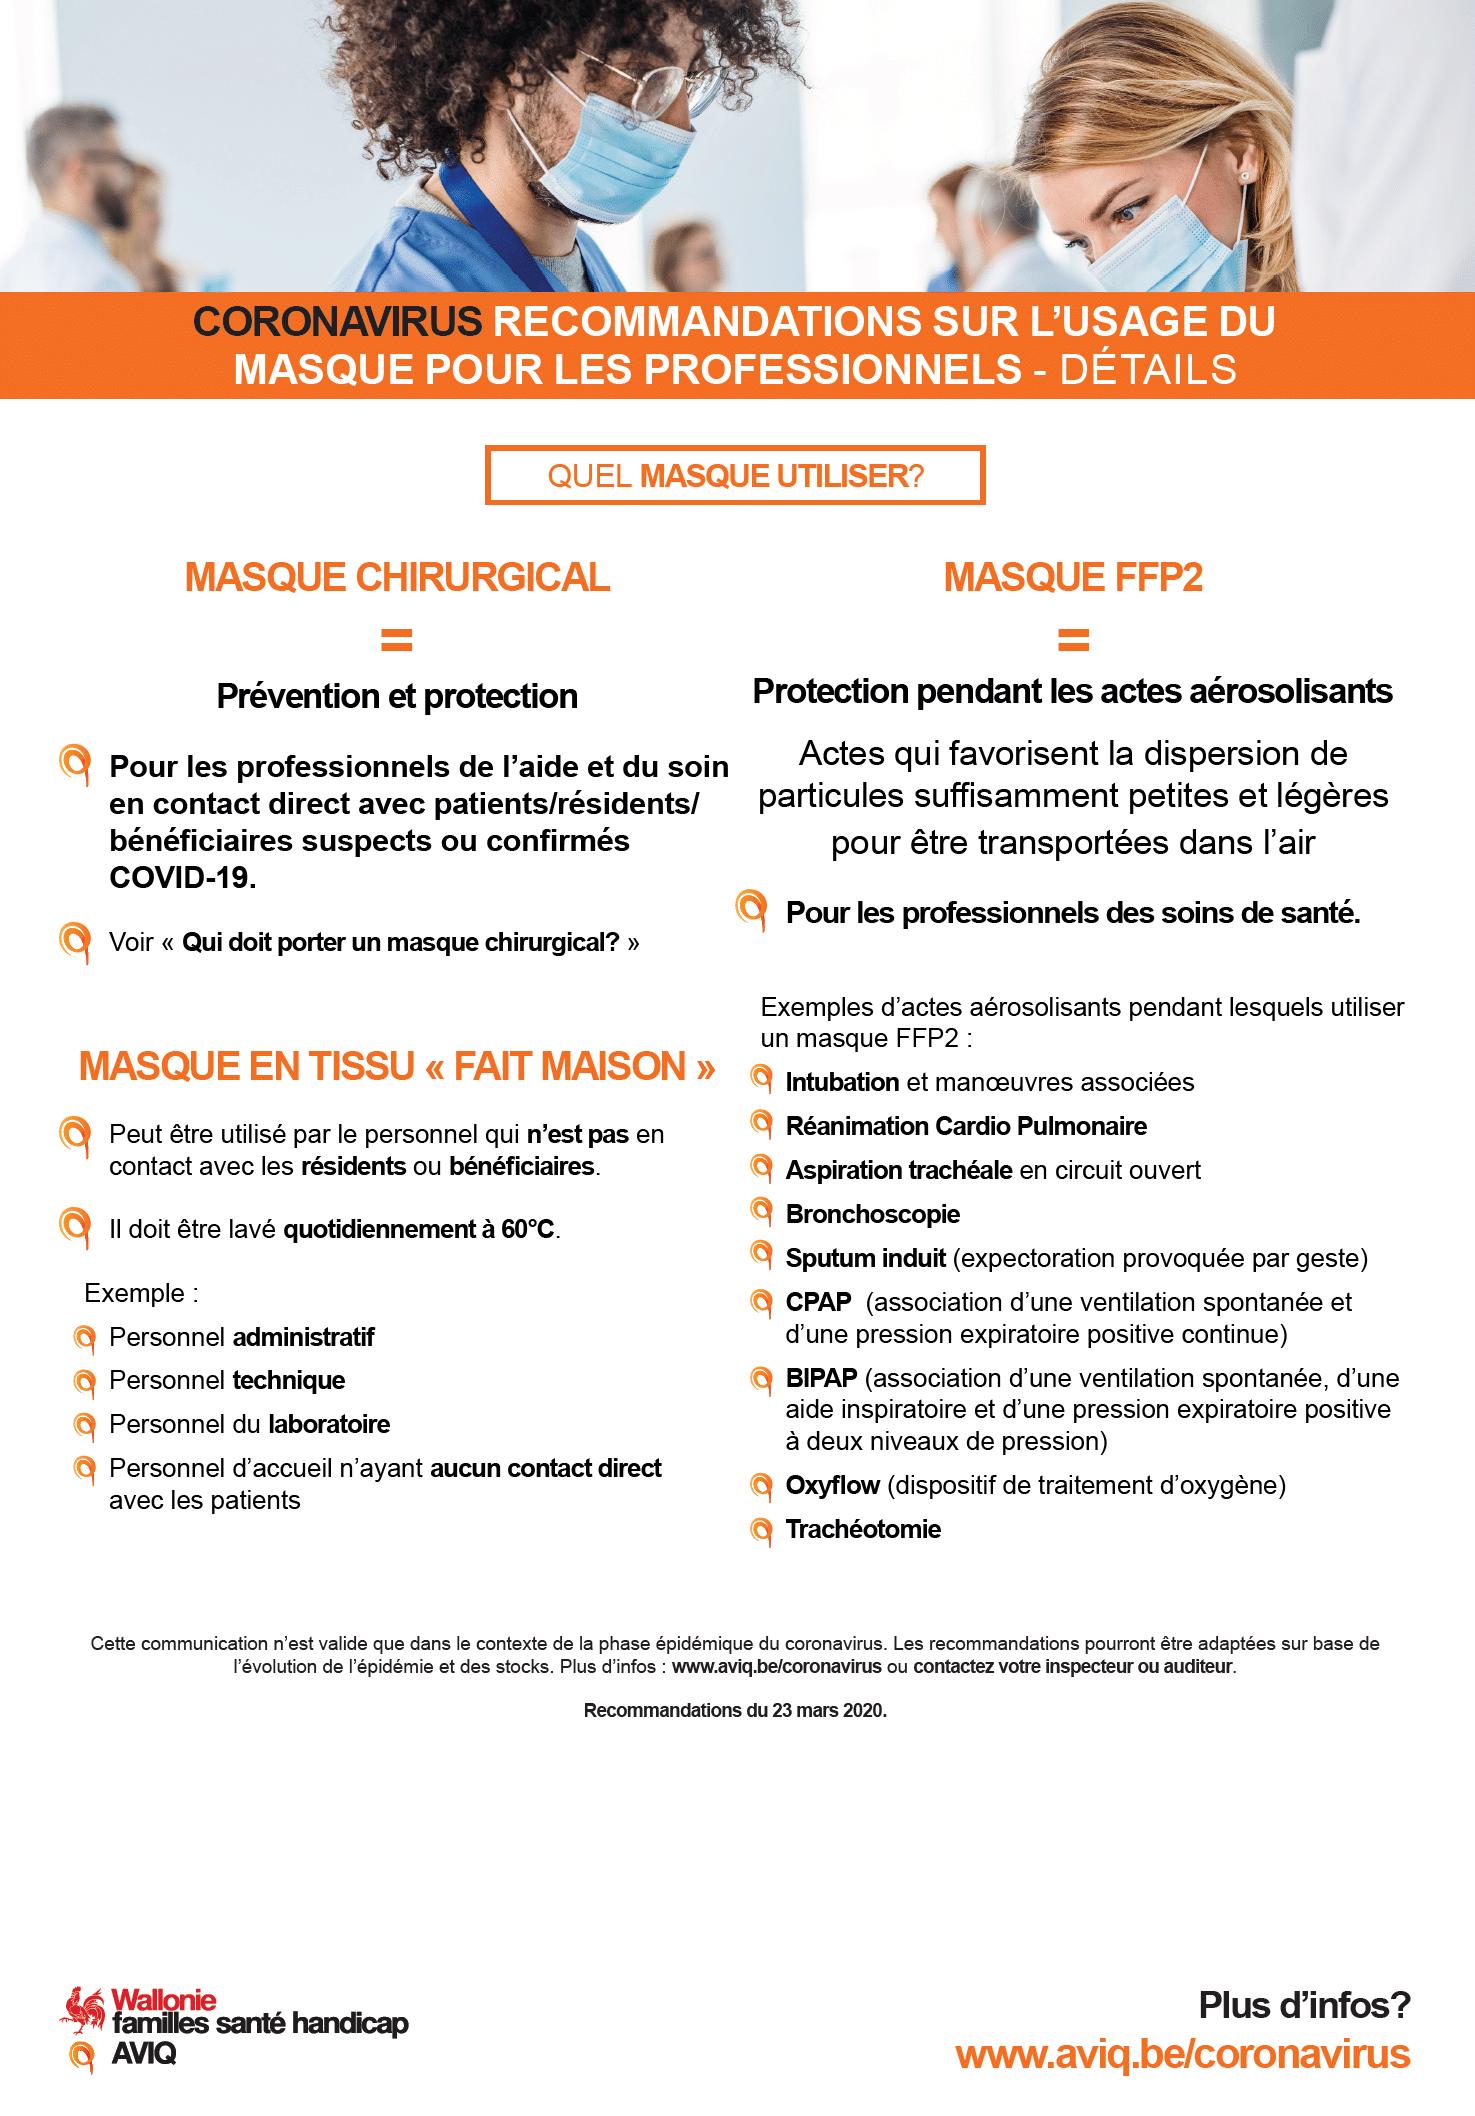 Covid-19 recommandations sur l'usage des masques pour les professionnels 2